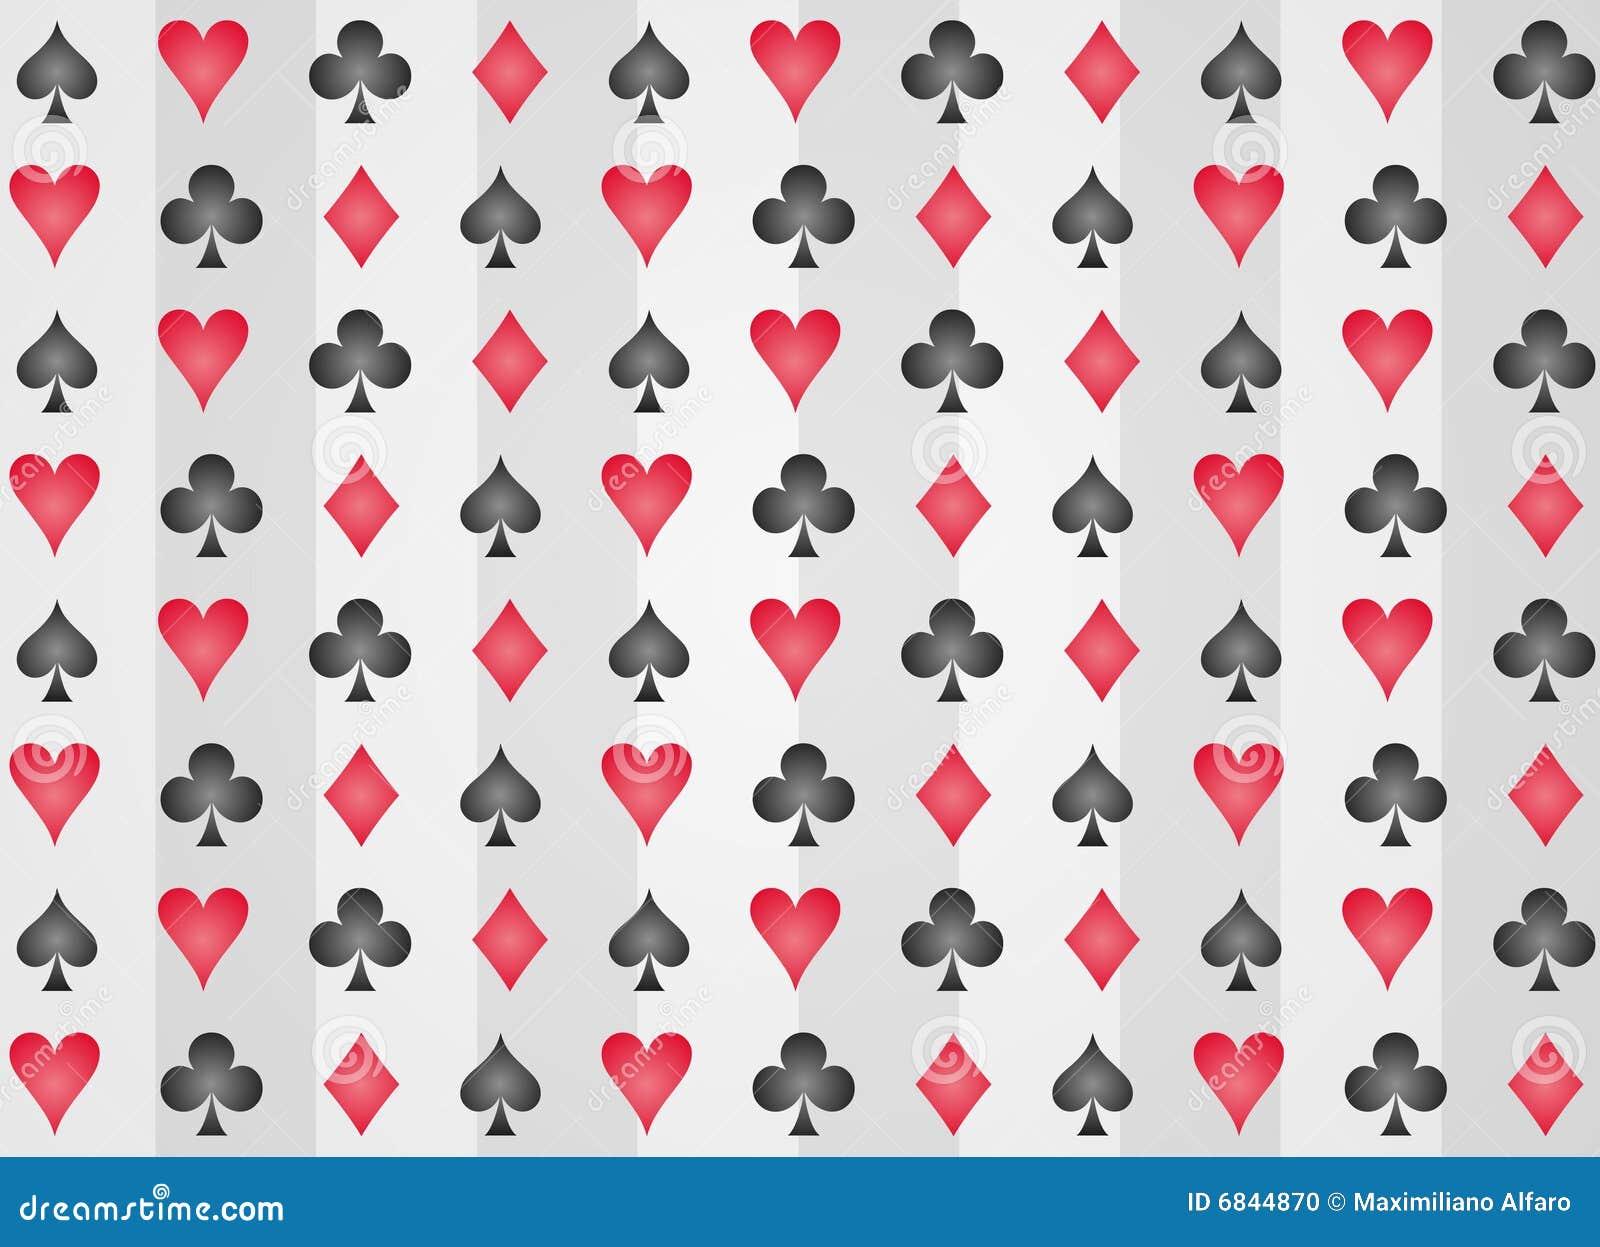 poker betting patterns